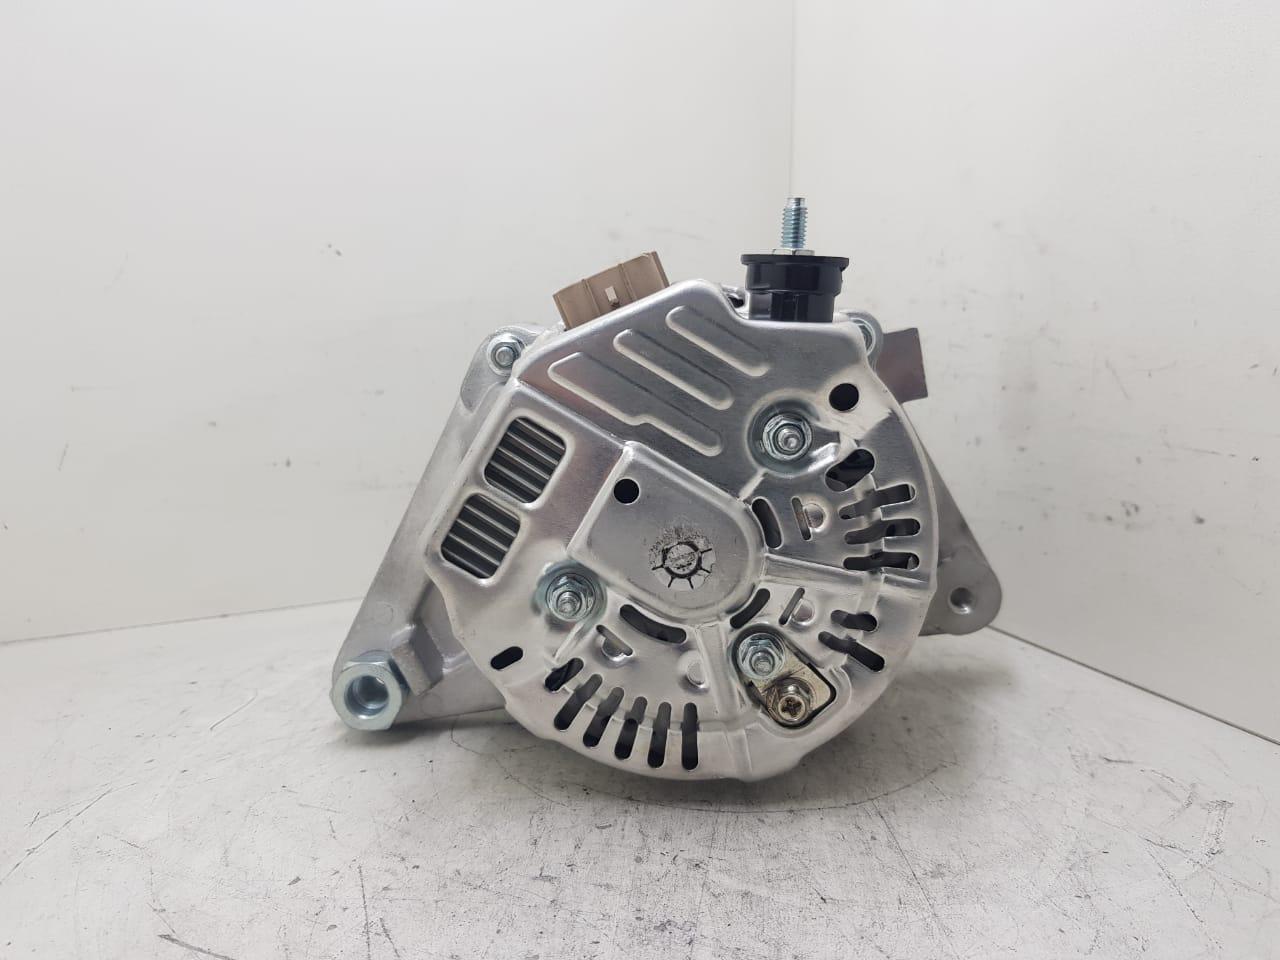 Alternador Corolla 1.8 16v 2003 a 2010 Denso 14V 80 AMP 270600D280 27060D030 270622010 0124315016 0124315024 MS1012101000 MS101210-1000 AEC21065